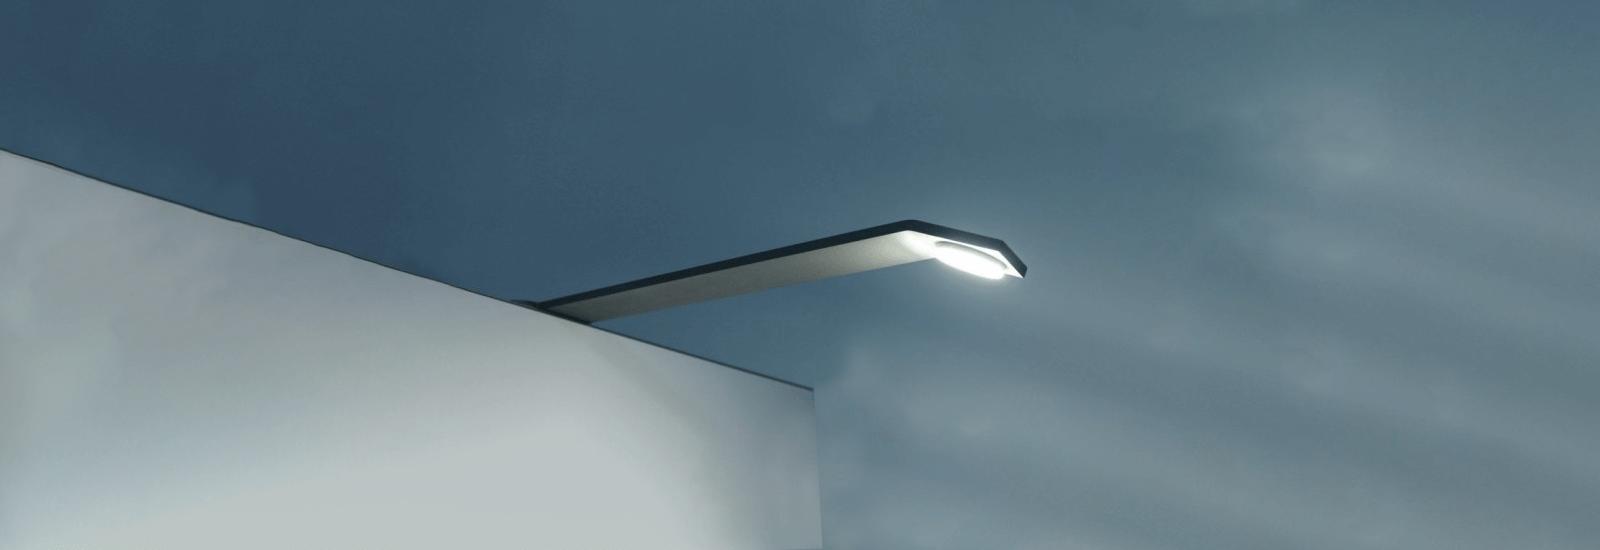 Stand en location avec éclairage LED